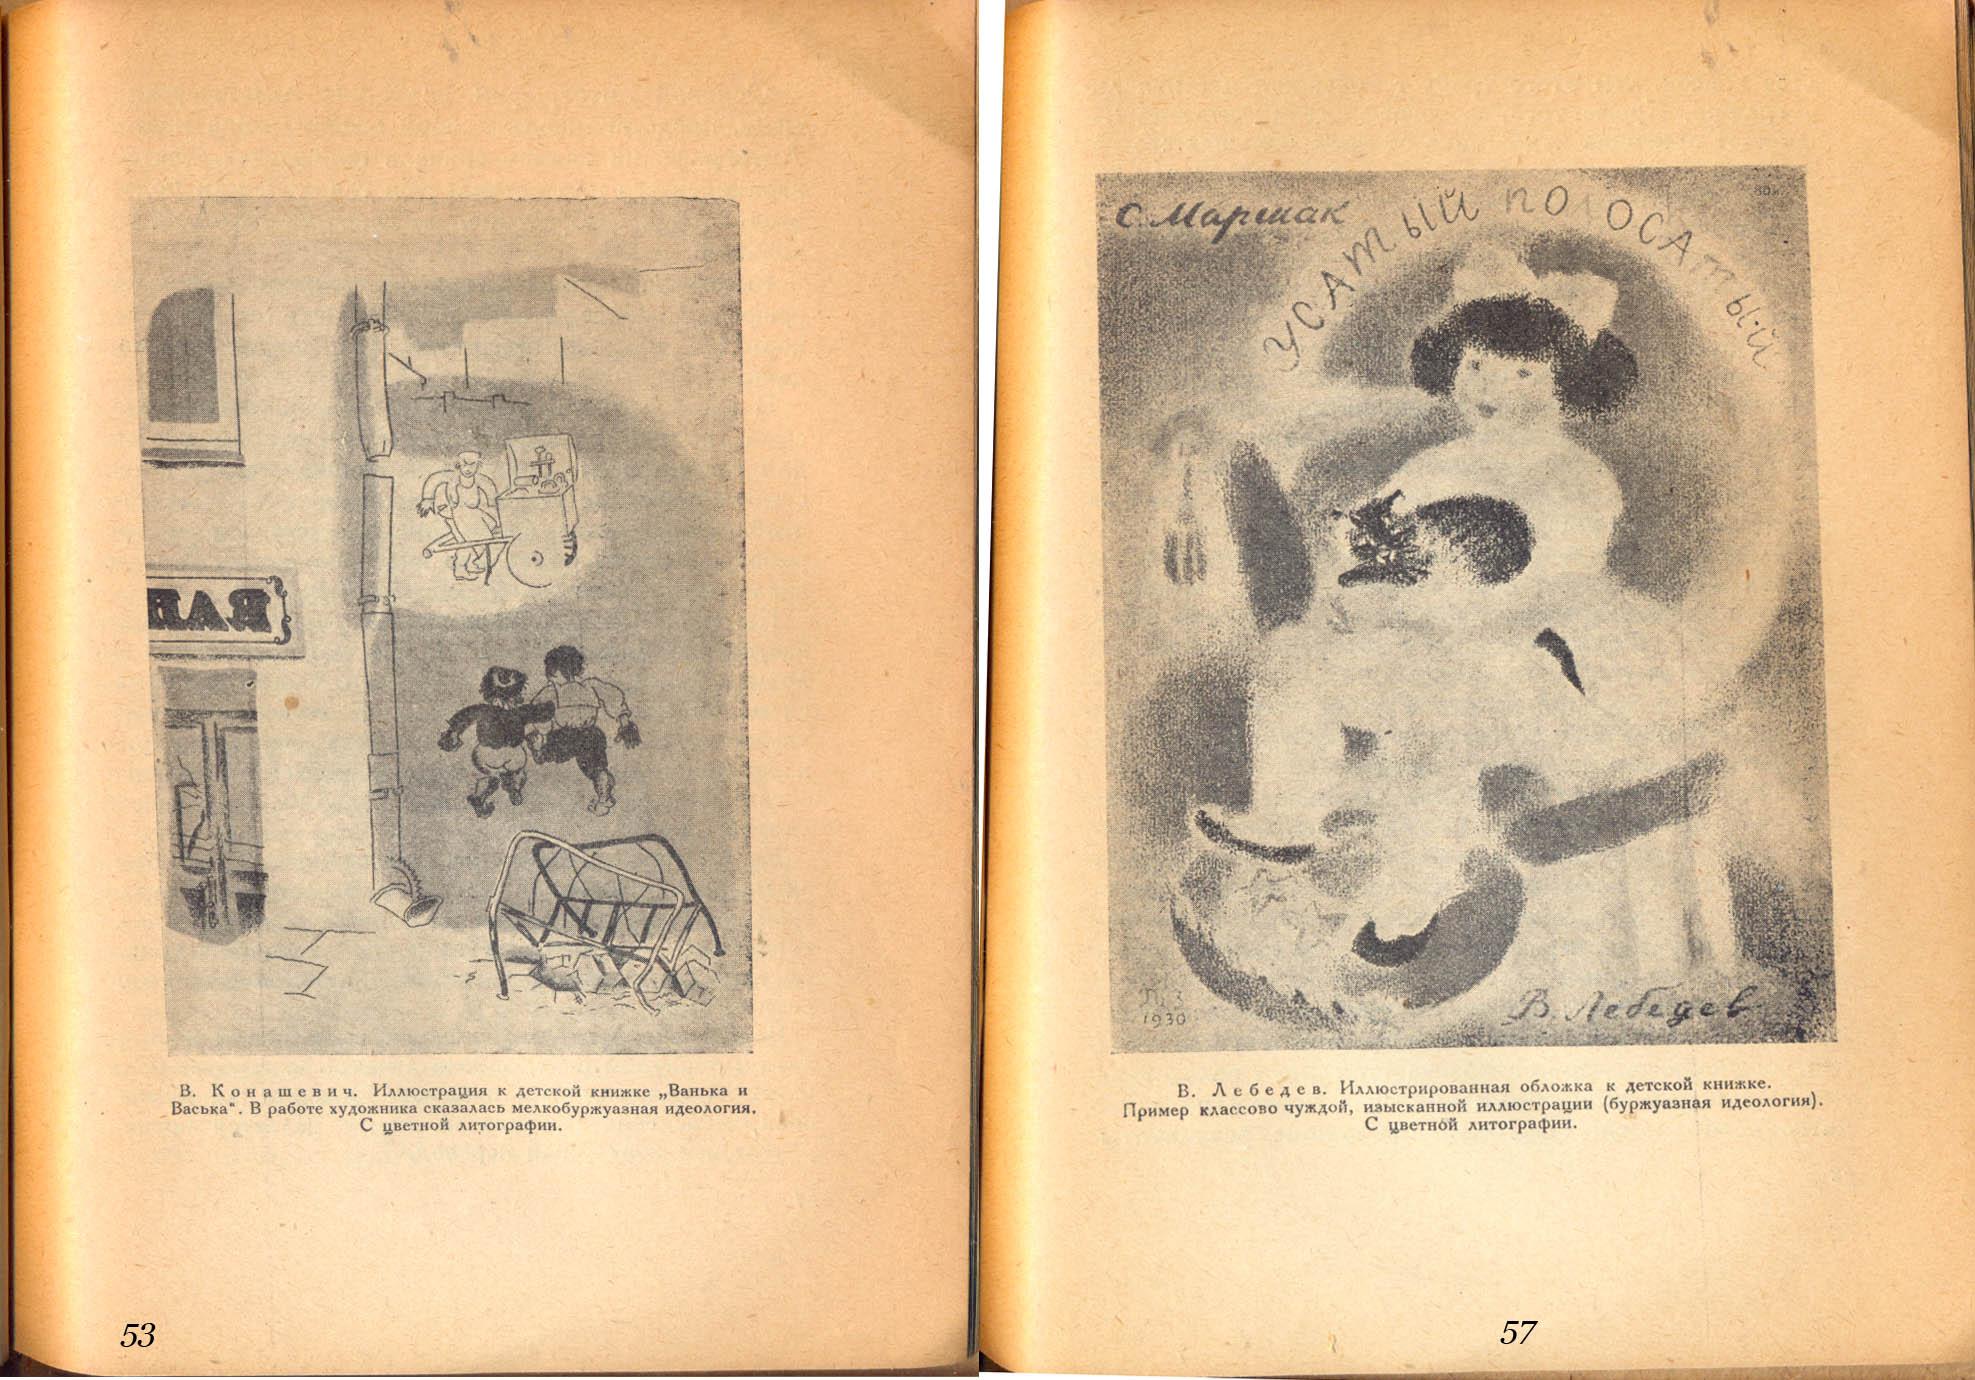 иллюстрация в книге 53.jpg